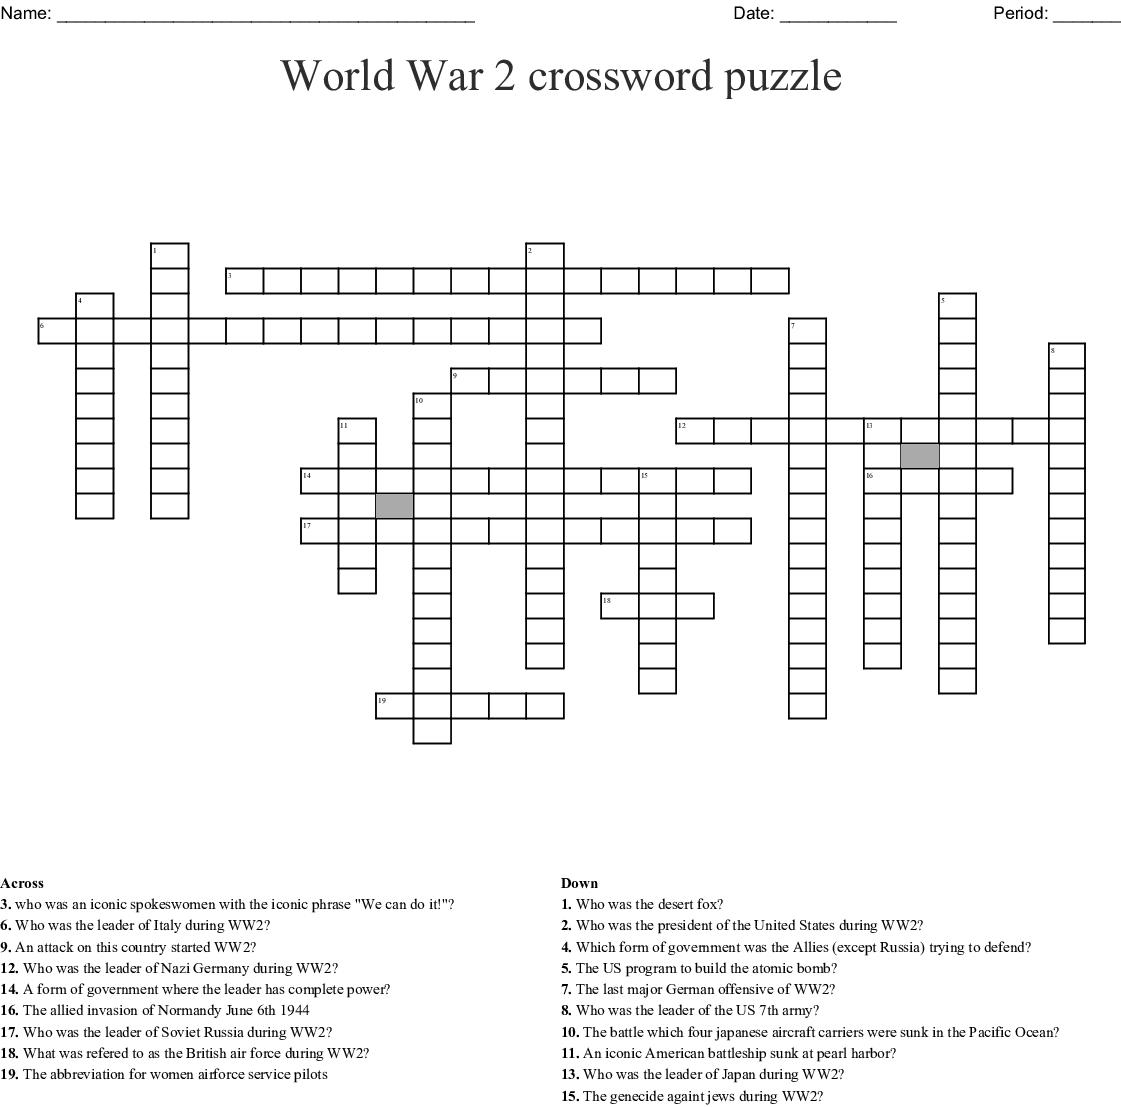 World War 2 Crossword Puzzle Crossword - Wordmint - Wwii Crossword Puzzle Printable